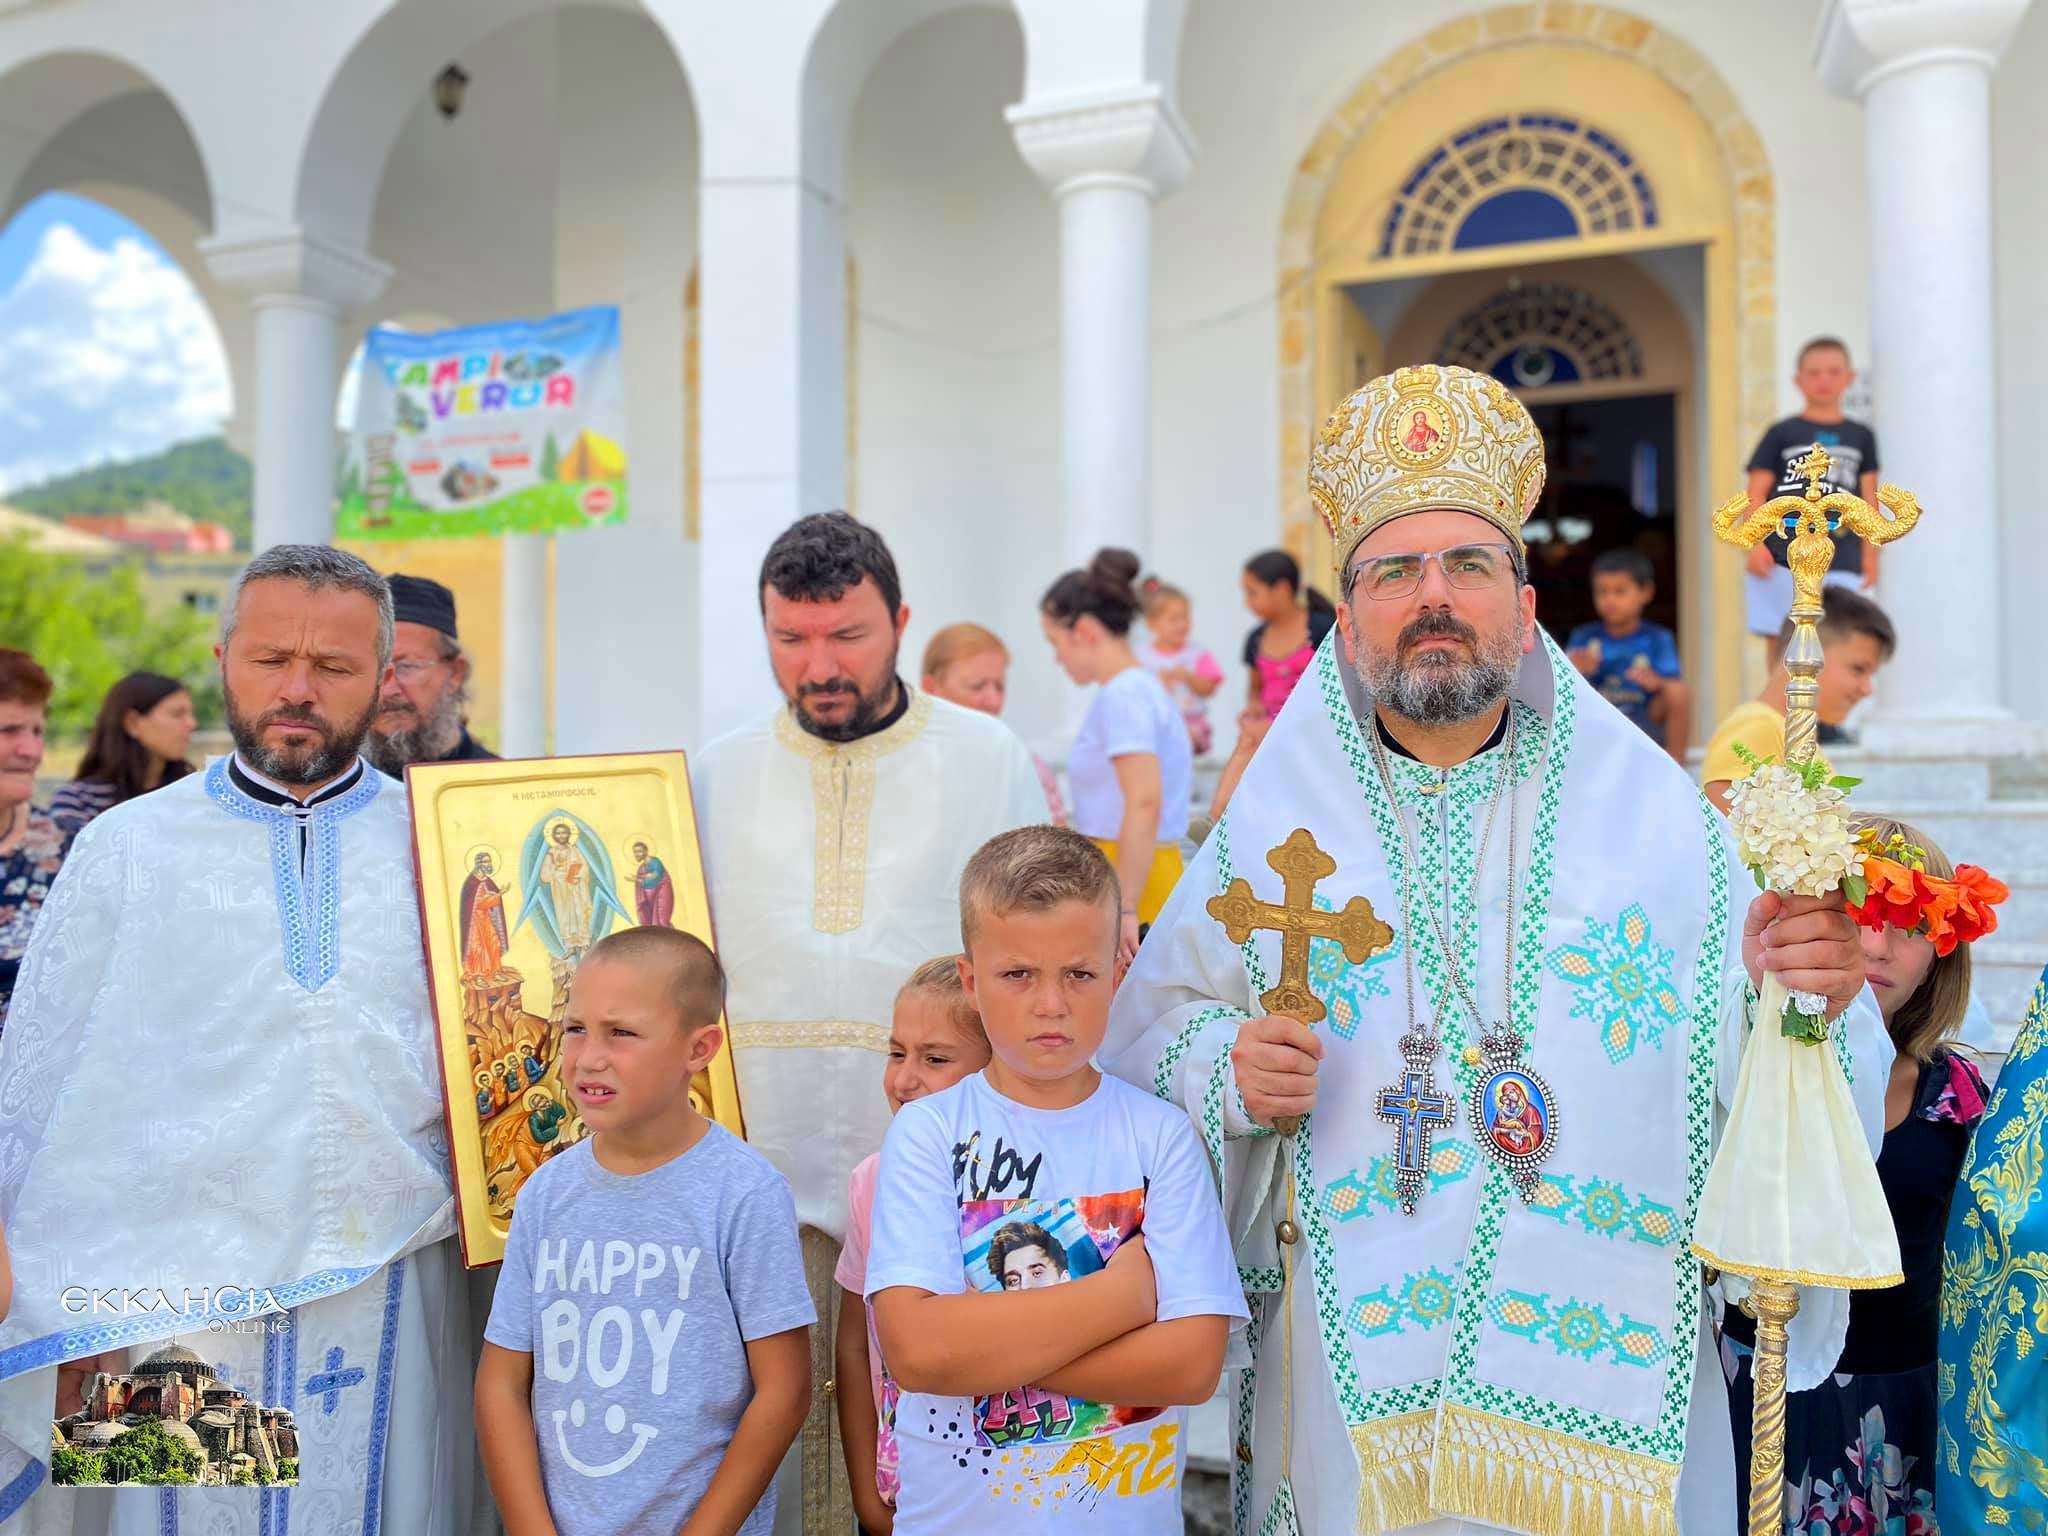 Λαμπρός εορτασμός της Μεταμόρφωσης του Σωτήρος στην Μητρόπολη Ελμπασάν